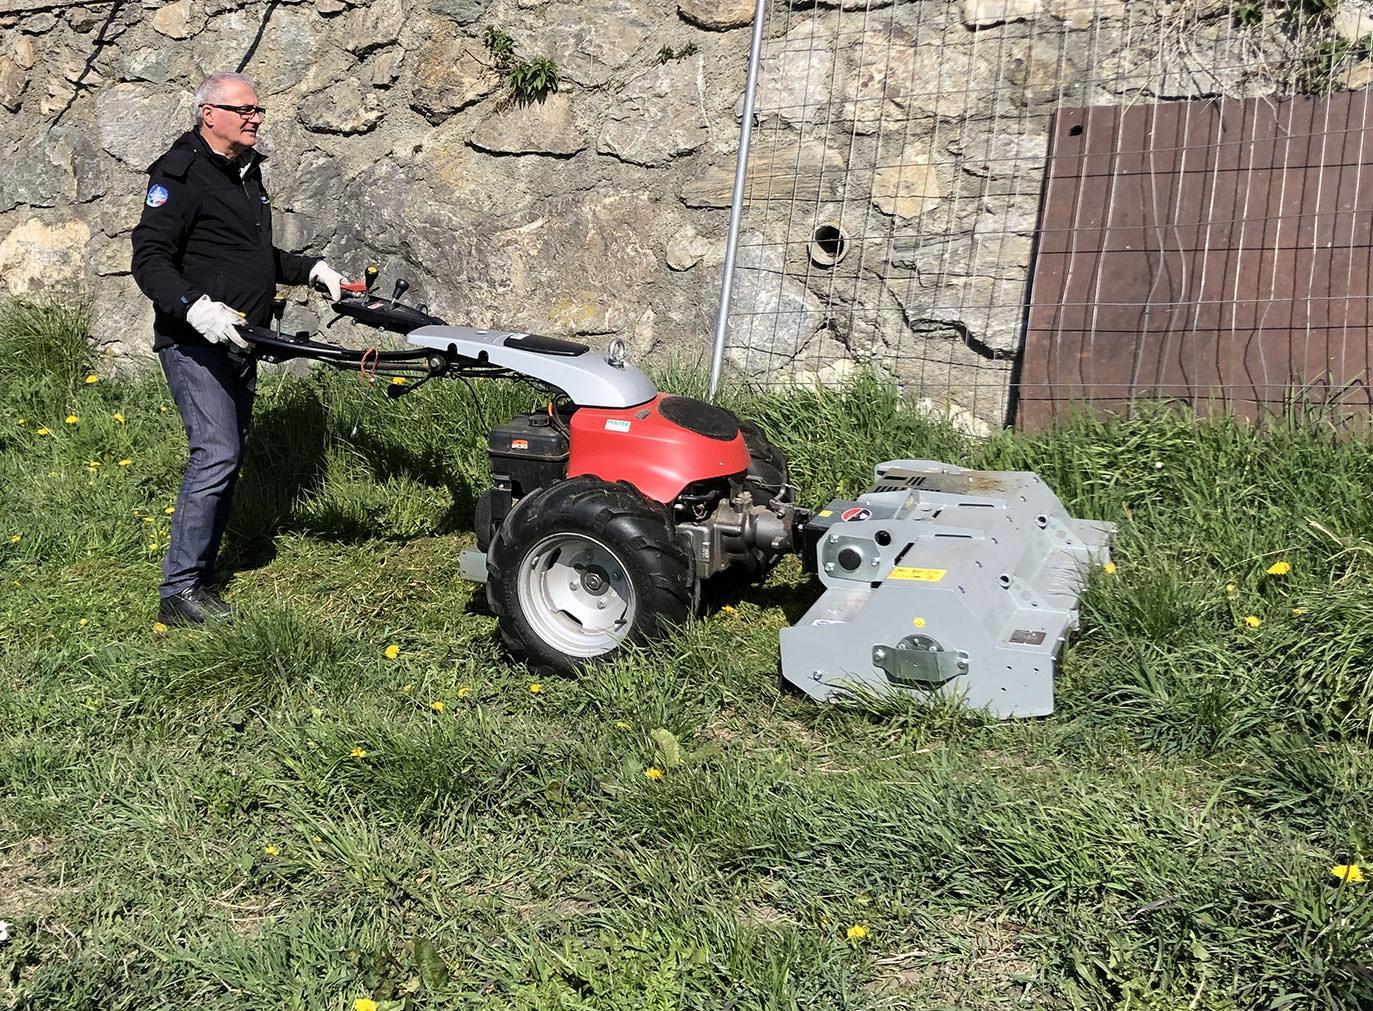 Garden: Heavy Duty Mower For Two Wheel TractorsTR-HD